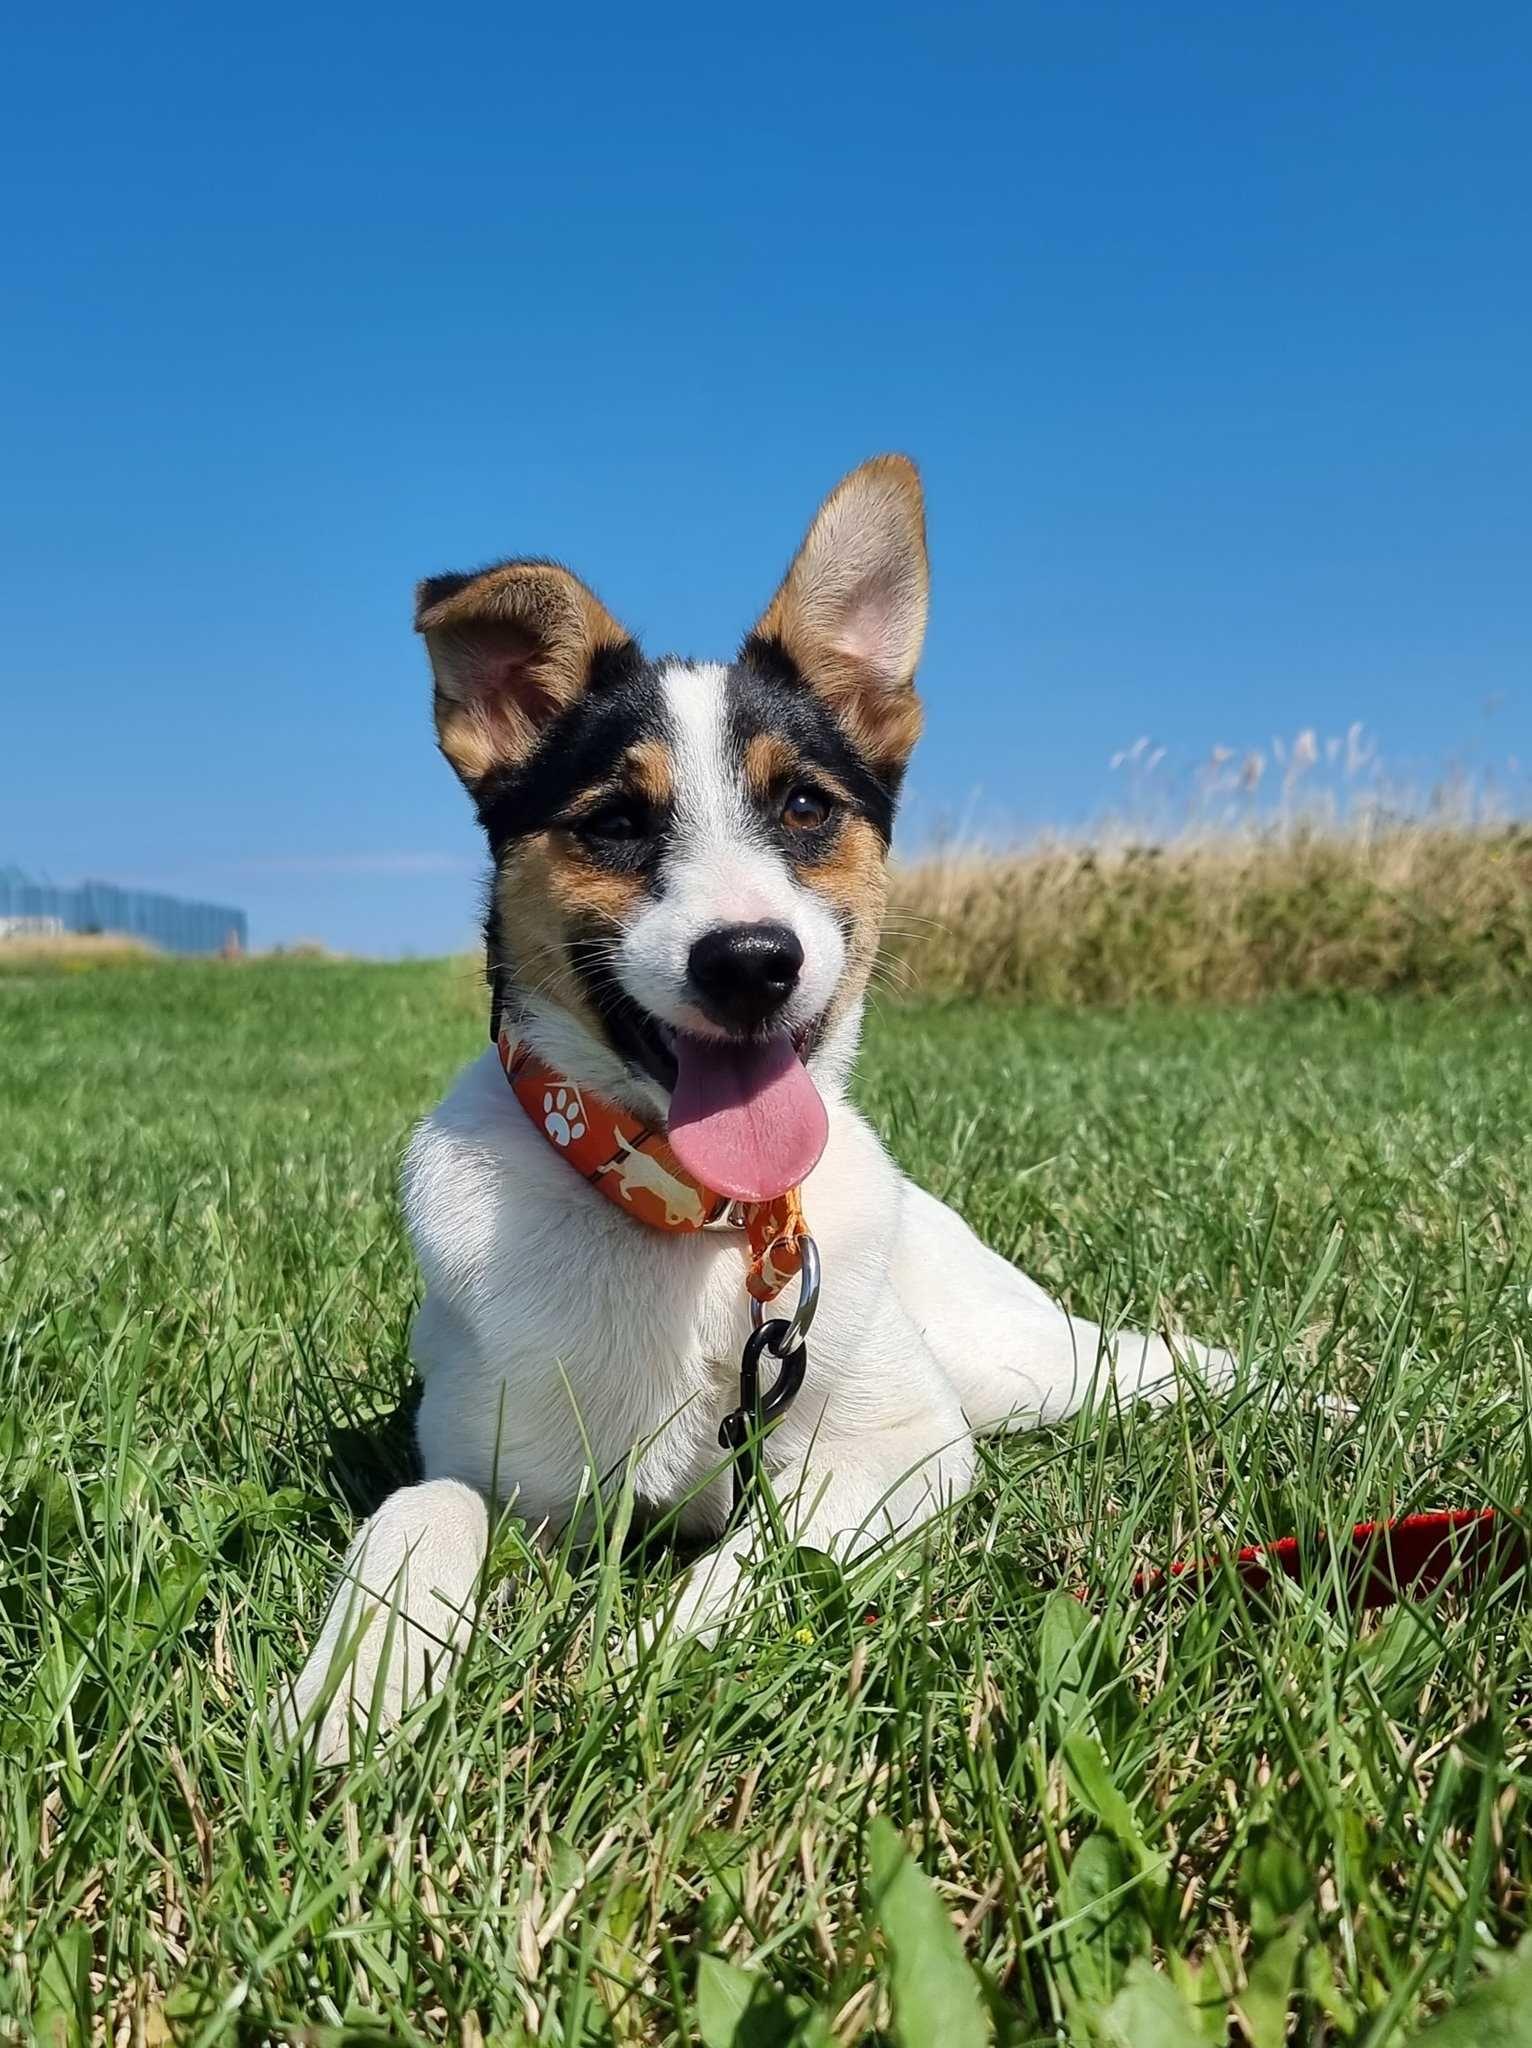 Koluszki znaleziono psa! Szukamy właściciela!